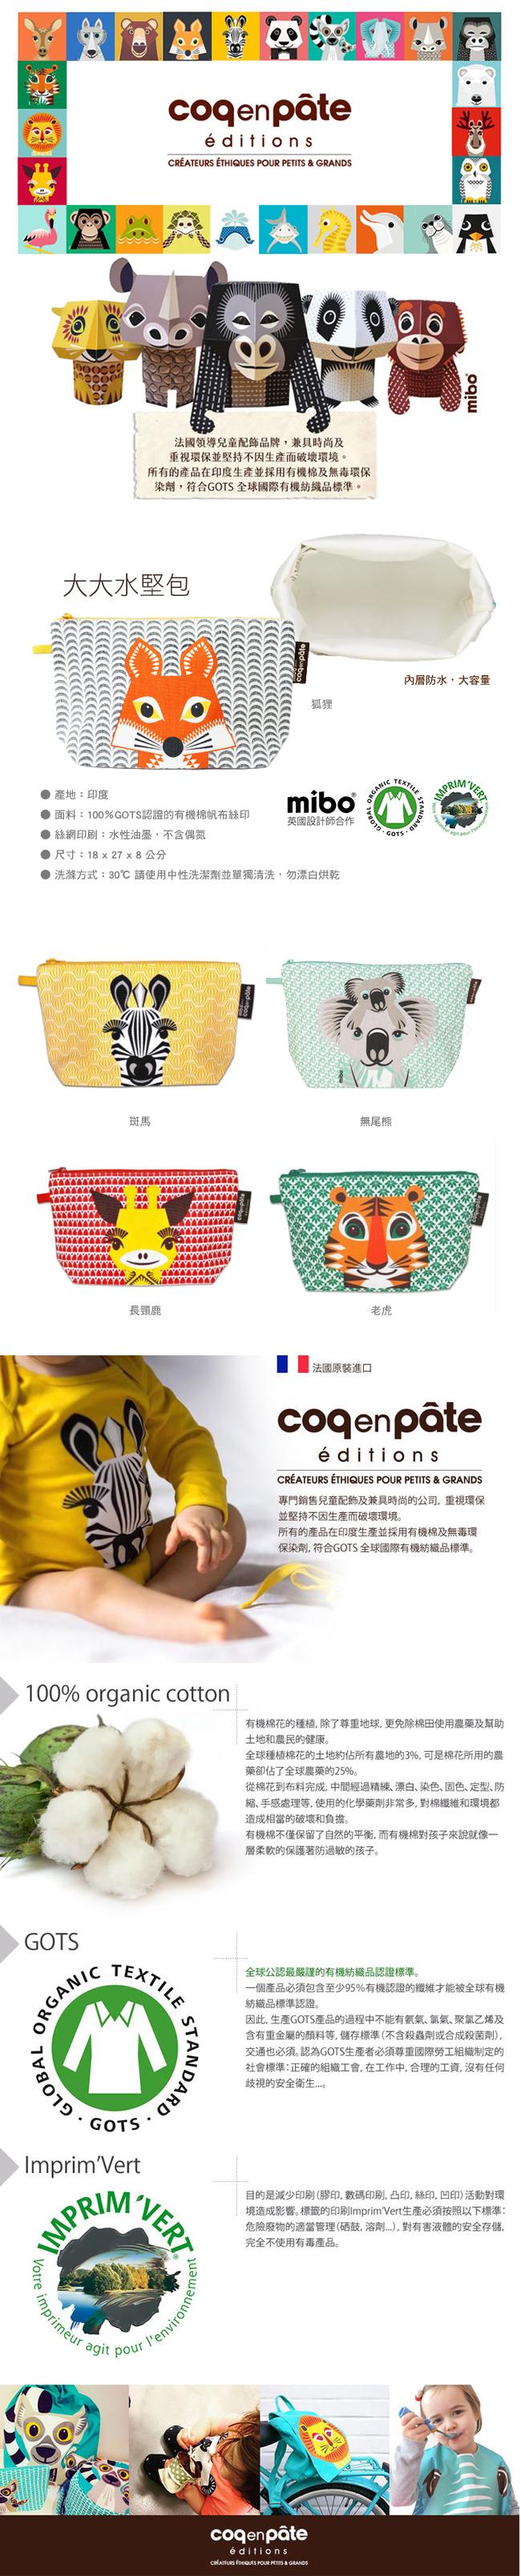 (複製)COQENPATE│法國有機棉無毒環保布包 / 大大水堅包 - 無尾熊